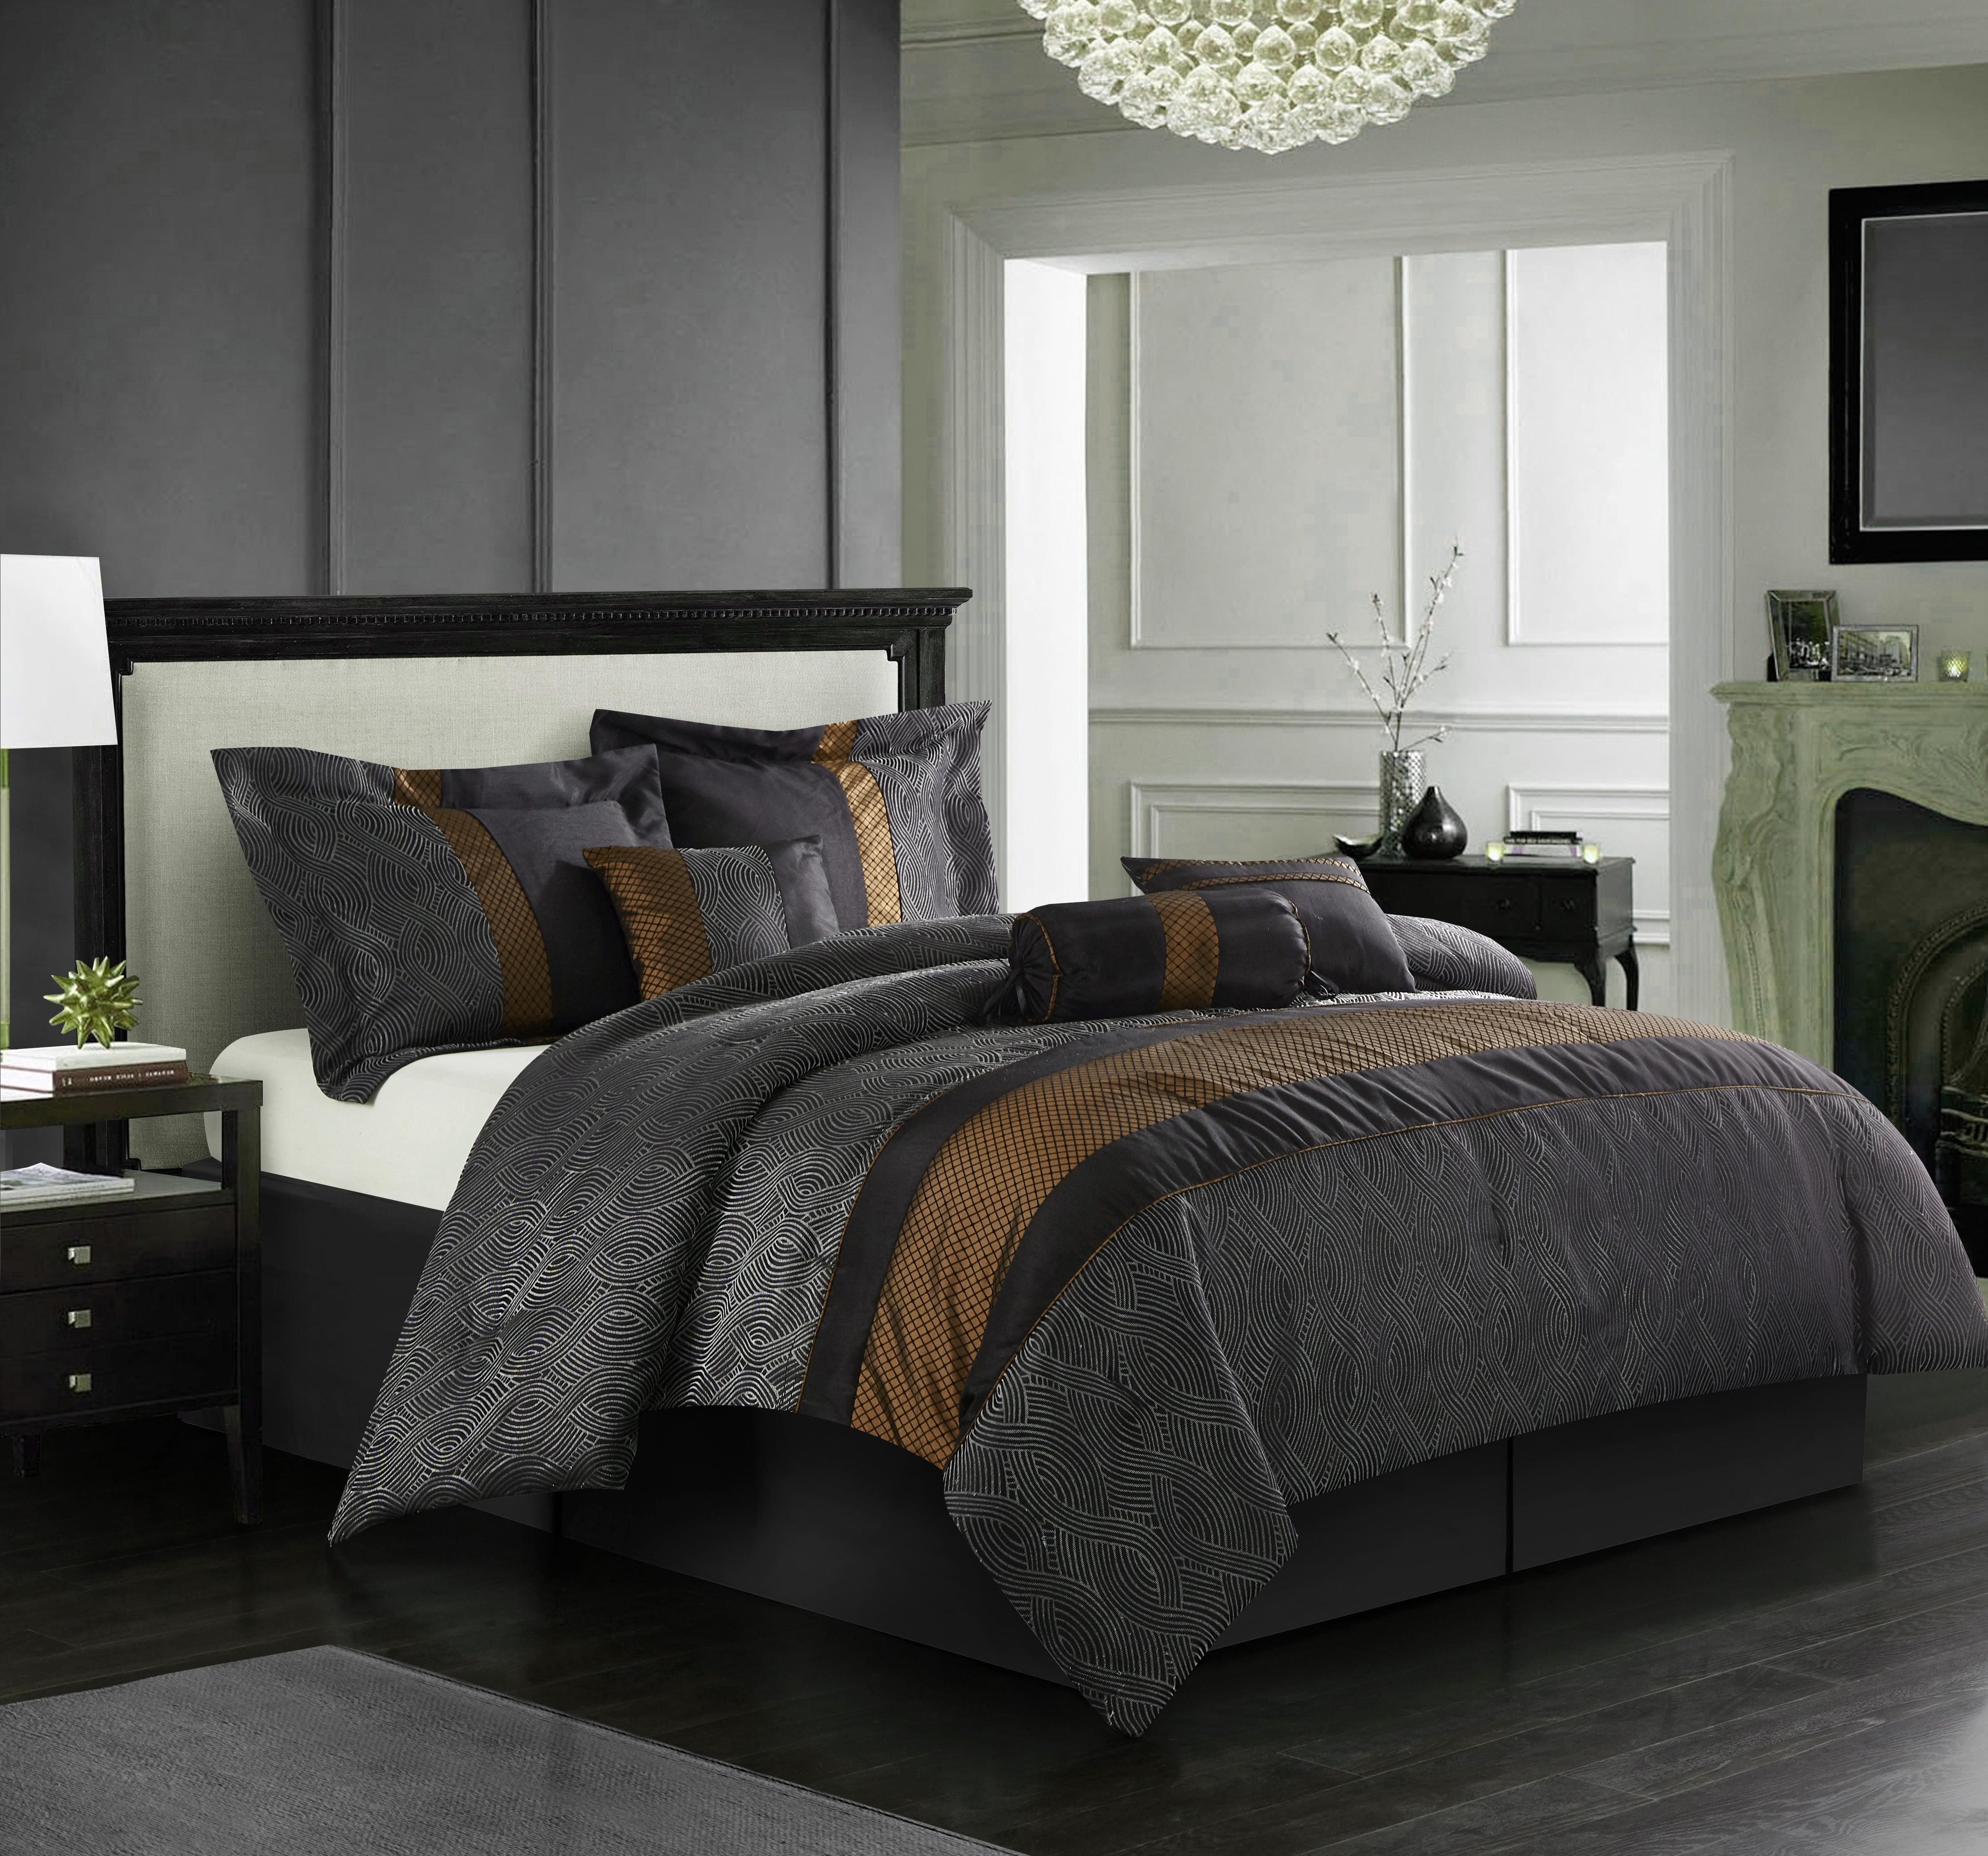 Nanshing Corell 7-Piece Bedding Comforter Set